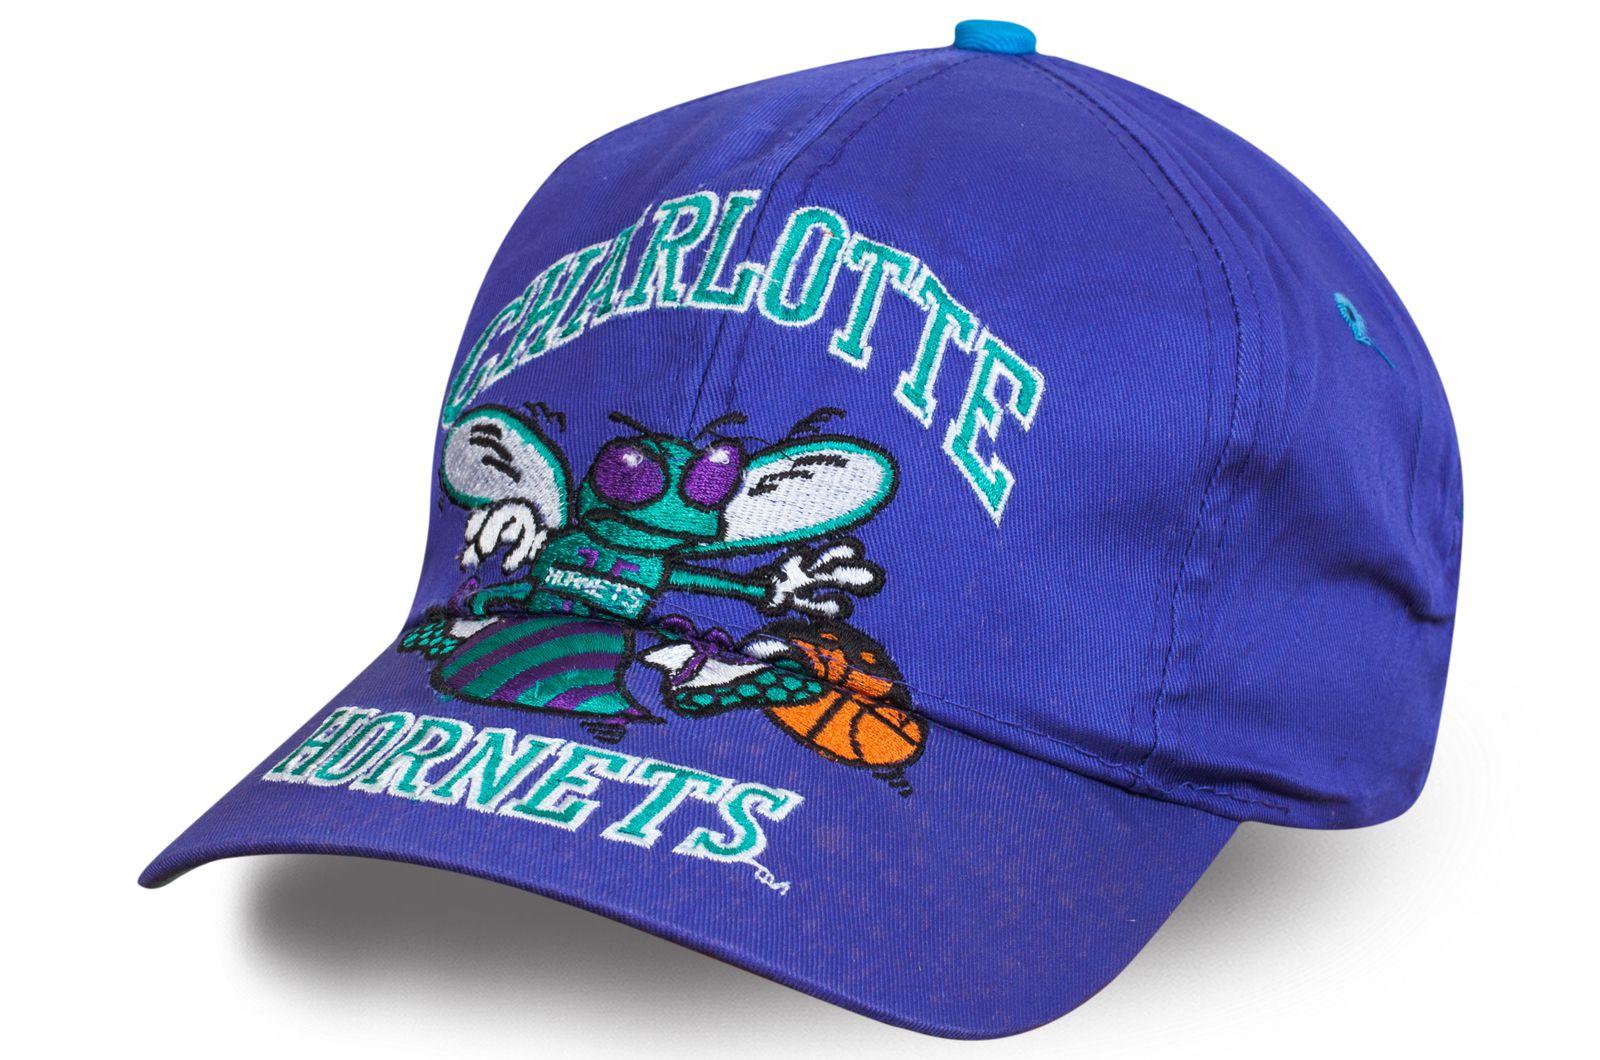 Бейсболка баскетбольной команды - купить в интернет-магазине с доставкой